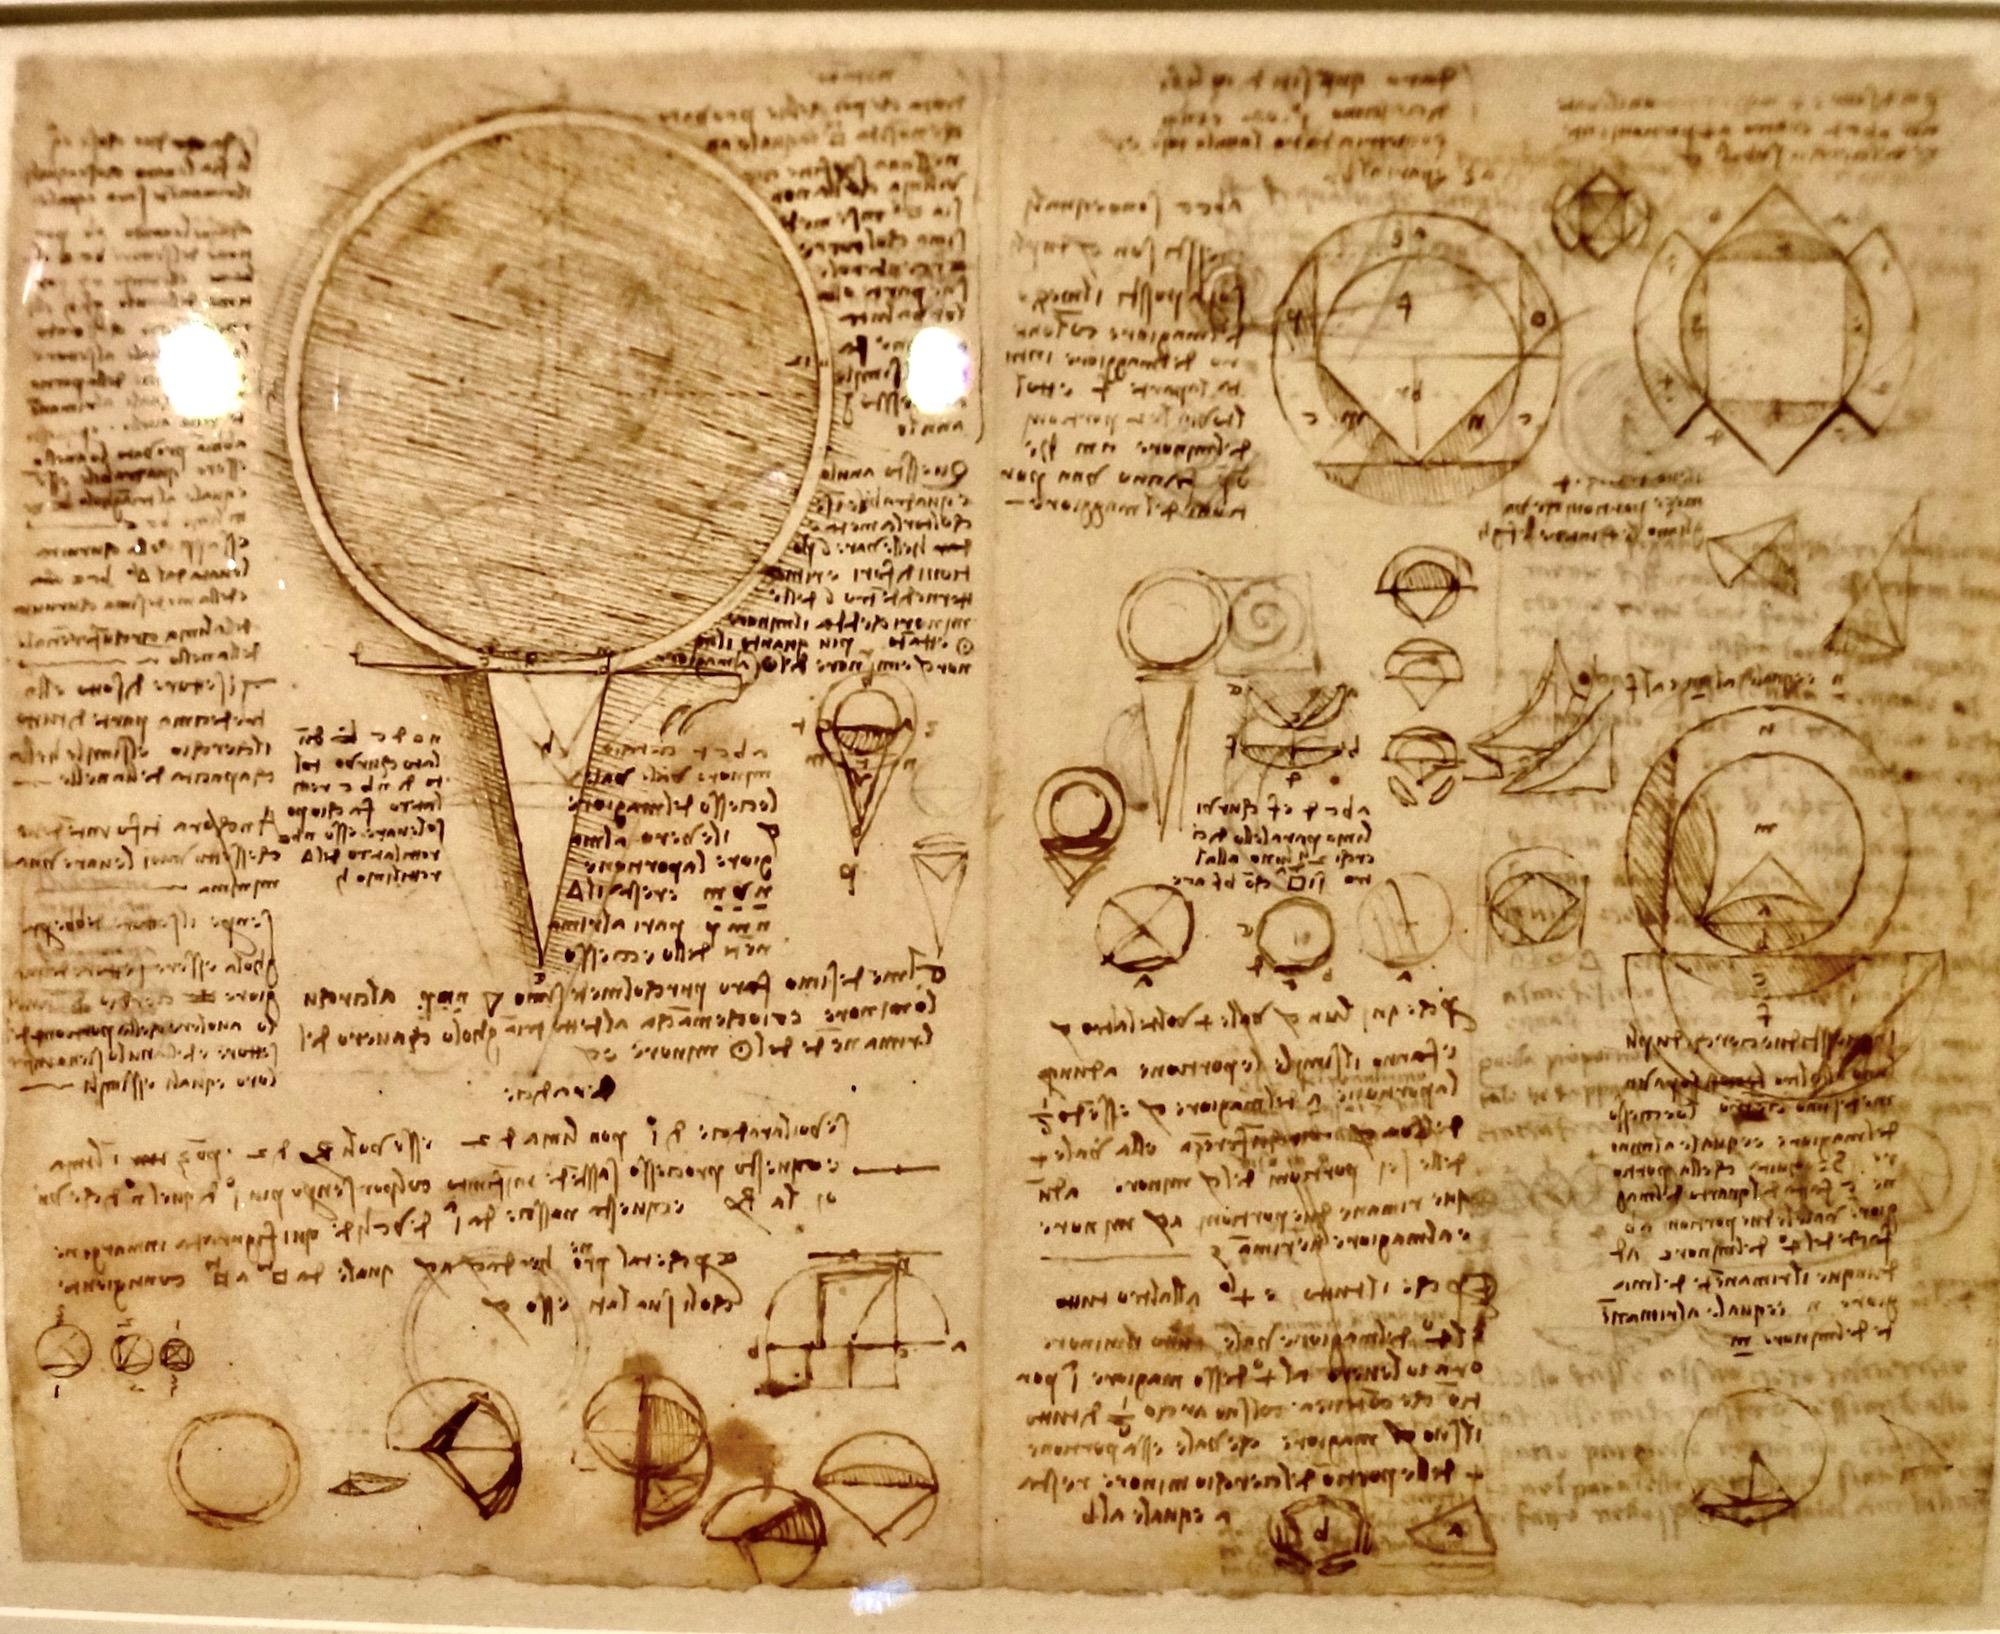 Da Vinci Louvre Sketch